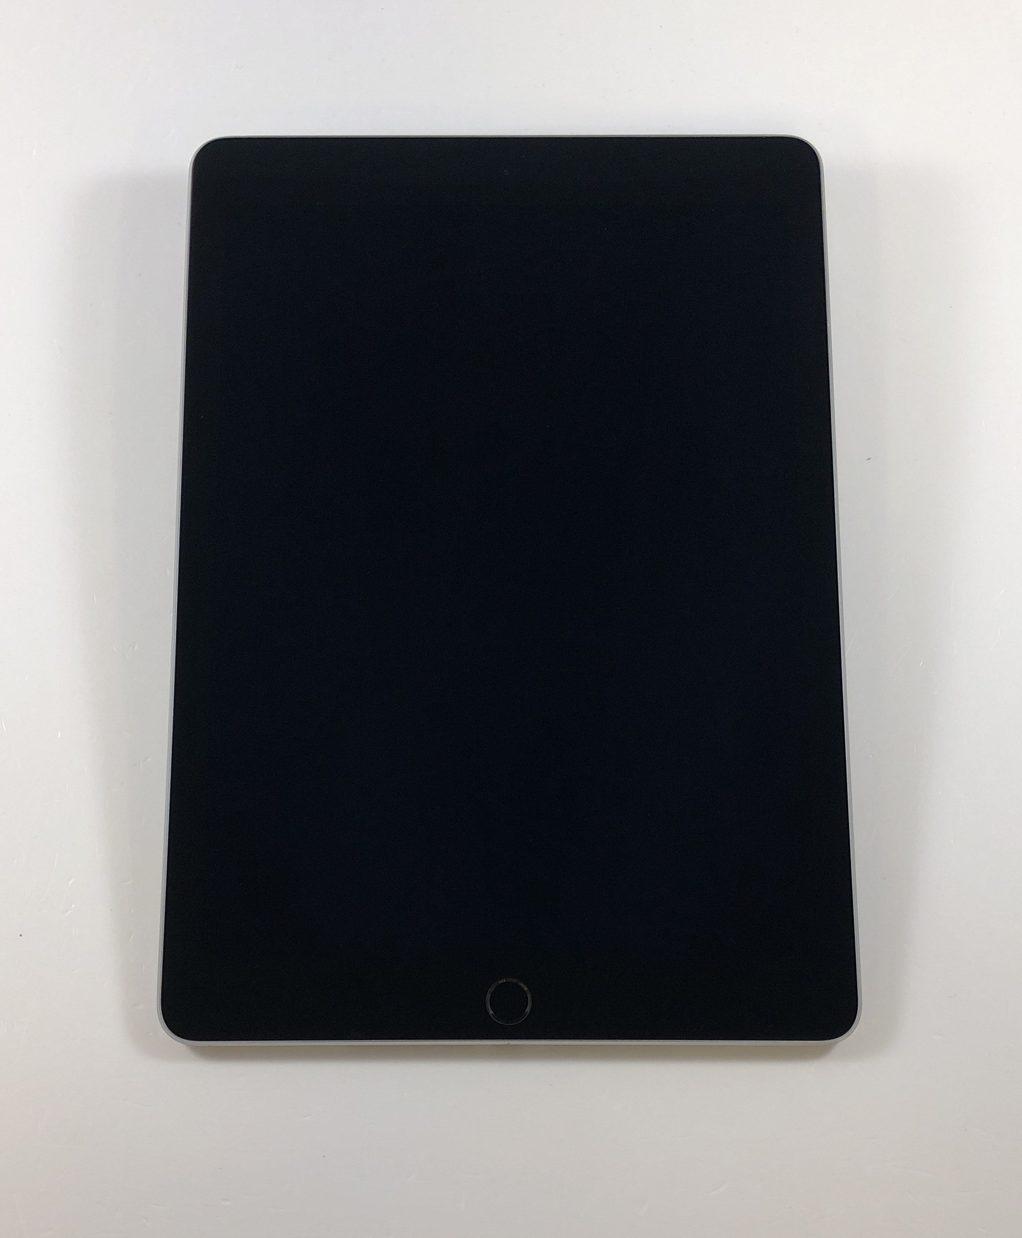 iPad Air 2 Wi-Fi 128GB, 128GB, Space Gray, Kuva 1